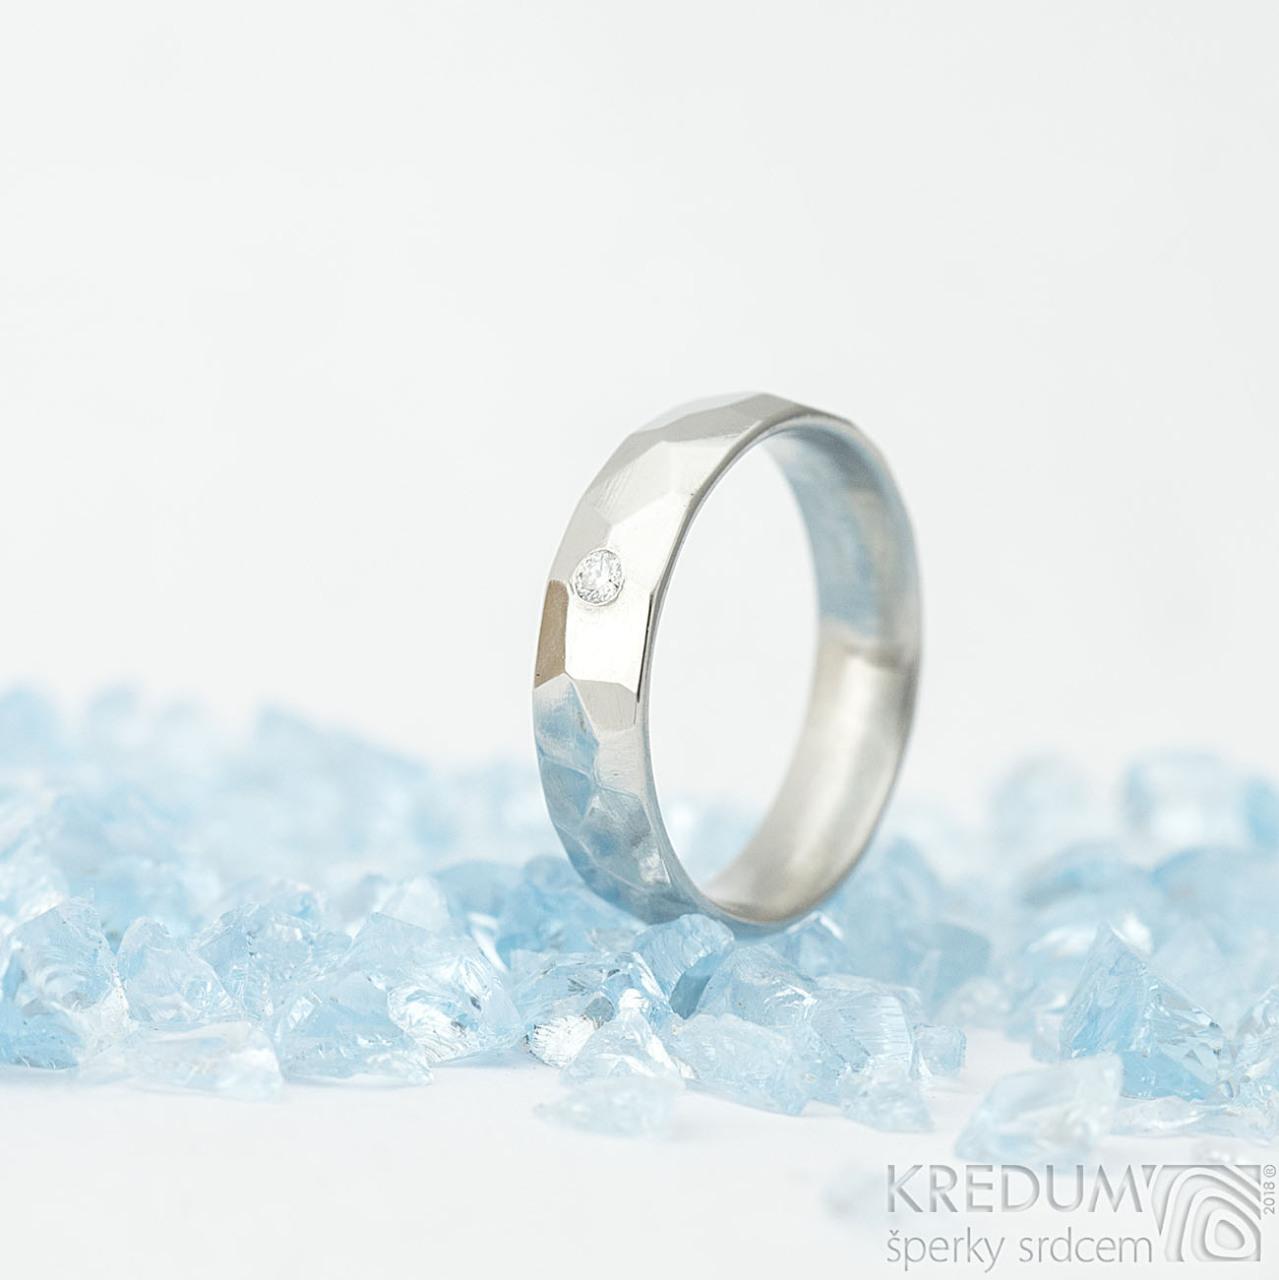 Skalak A Ciry Diamant 2 Mm Leskly Kovany Nerezovy Snubni Prsten